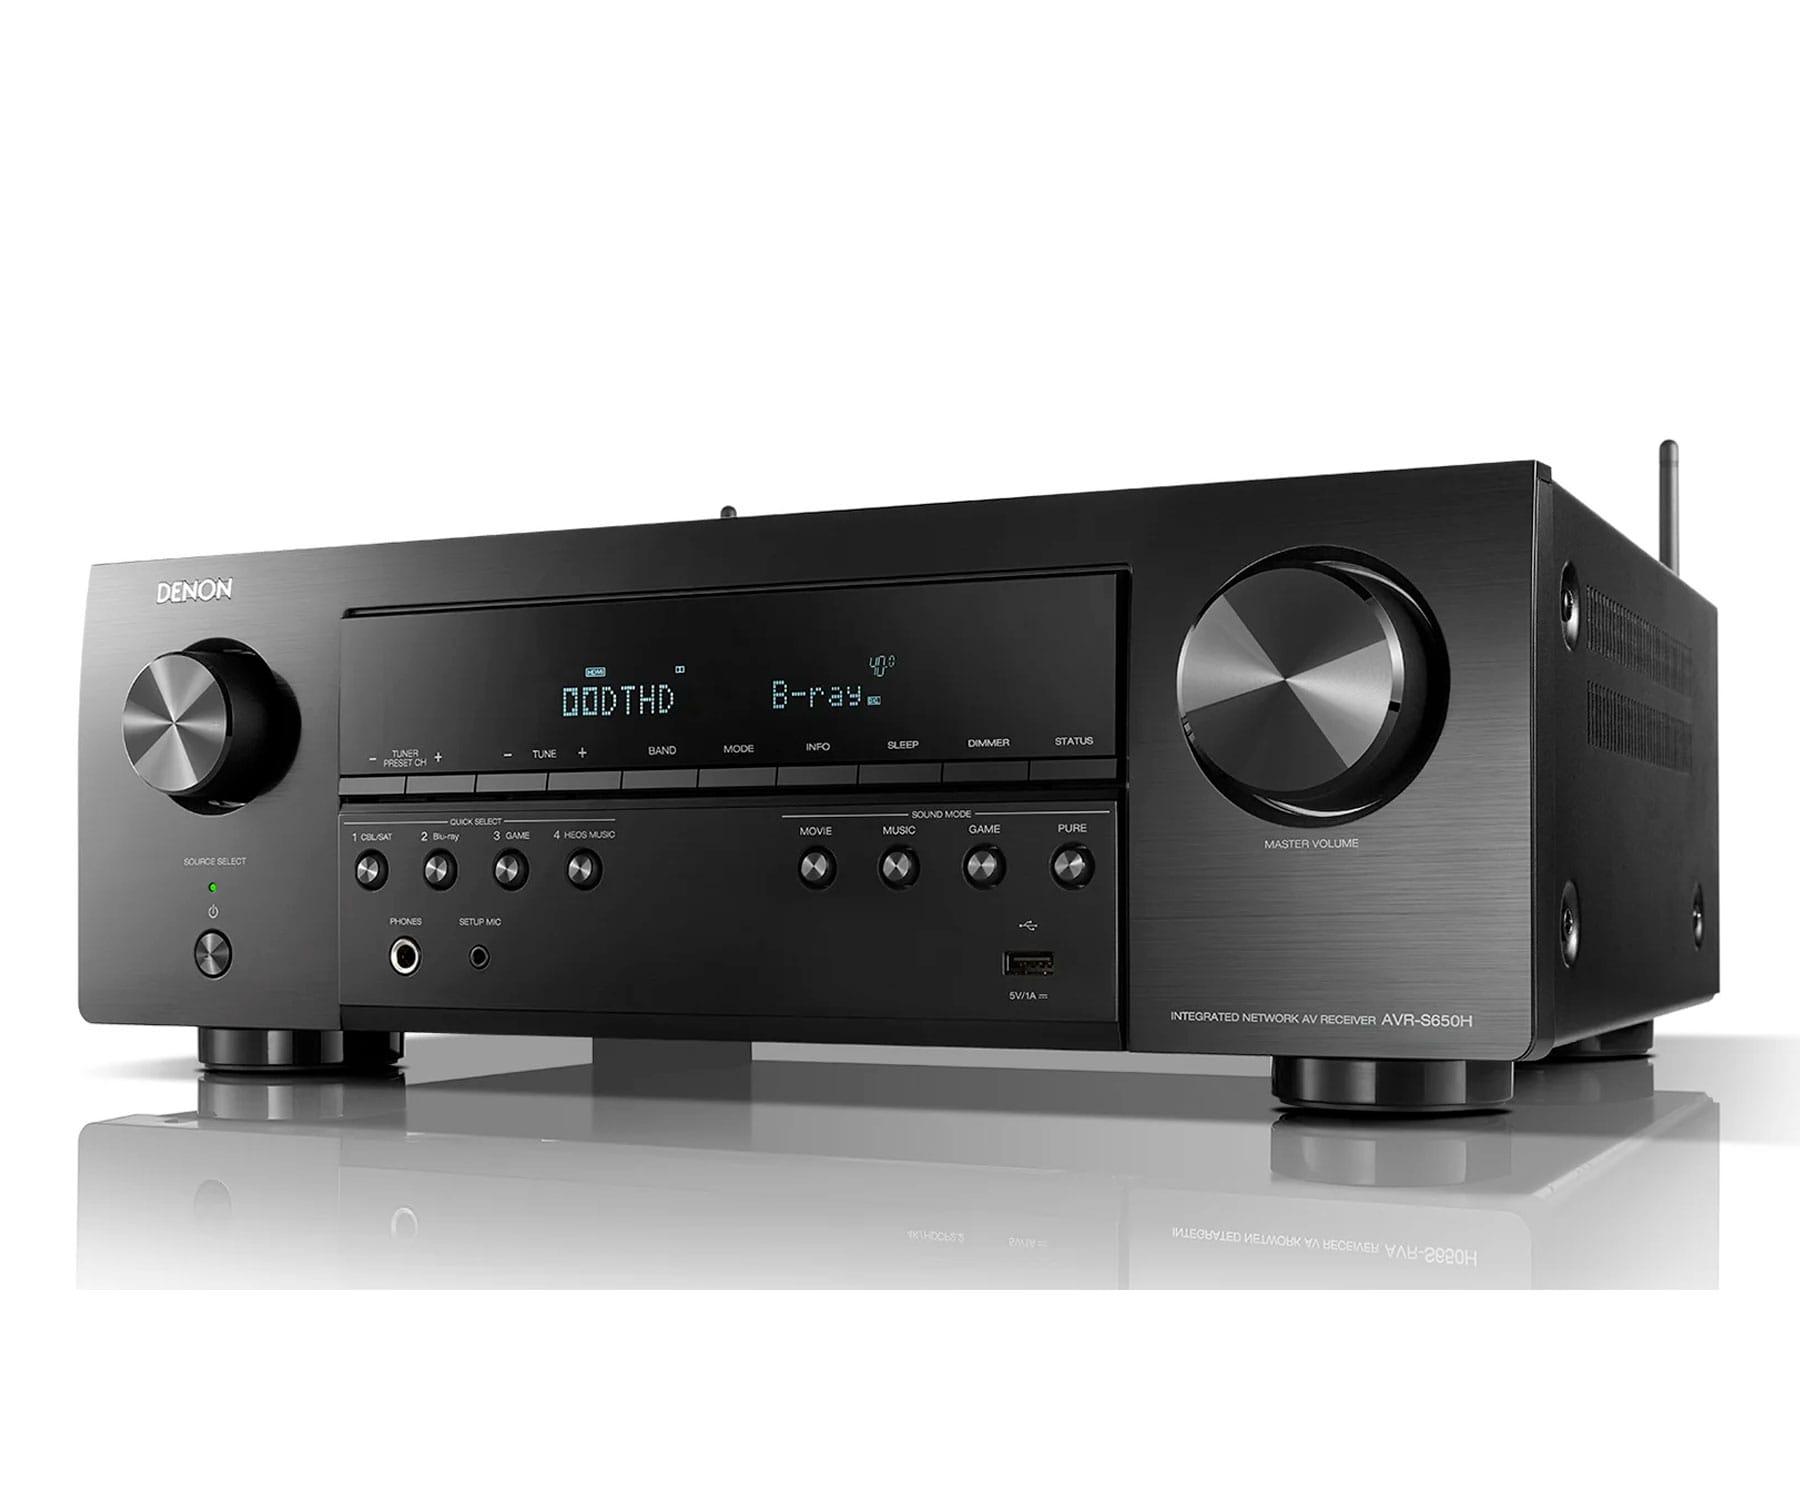 DENON AVR-S650H NEGRO/RECEPTOR AV/4K ULTRA HD/5.2CH/135W/DOLBY TRUE HD/DTS-HD/DOLBY VISION/BT